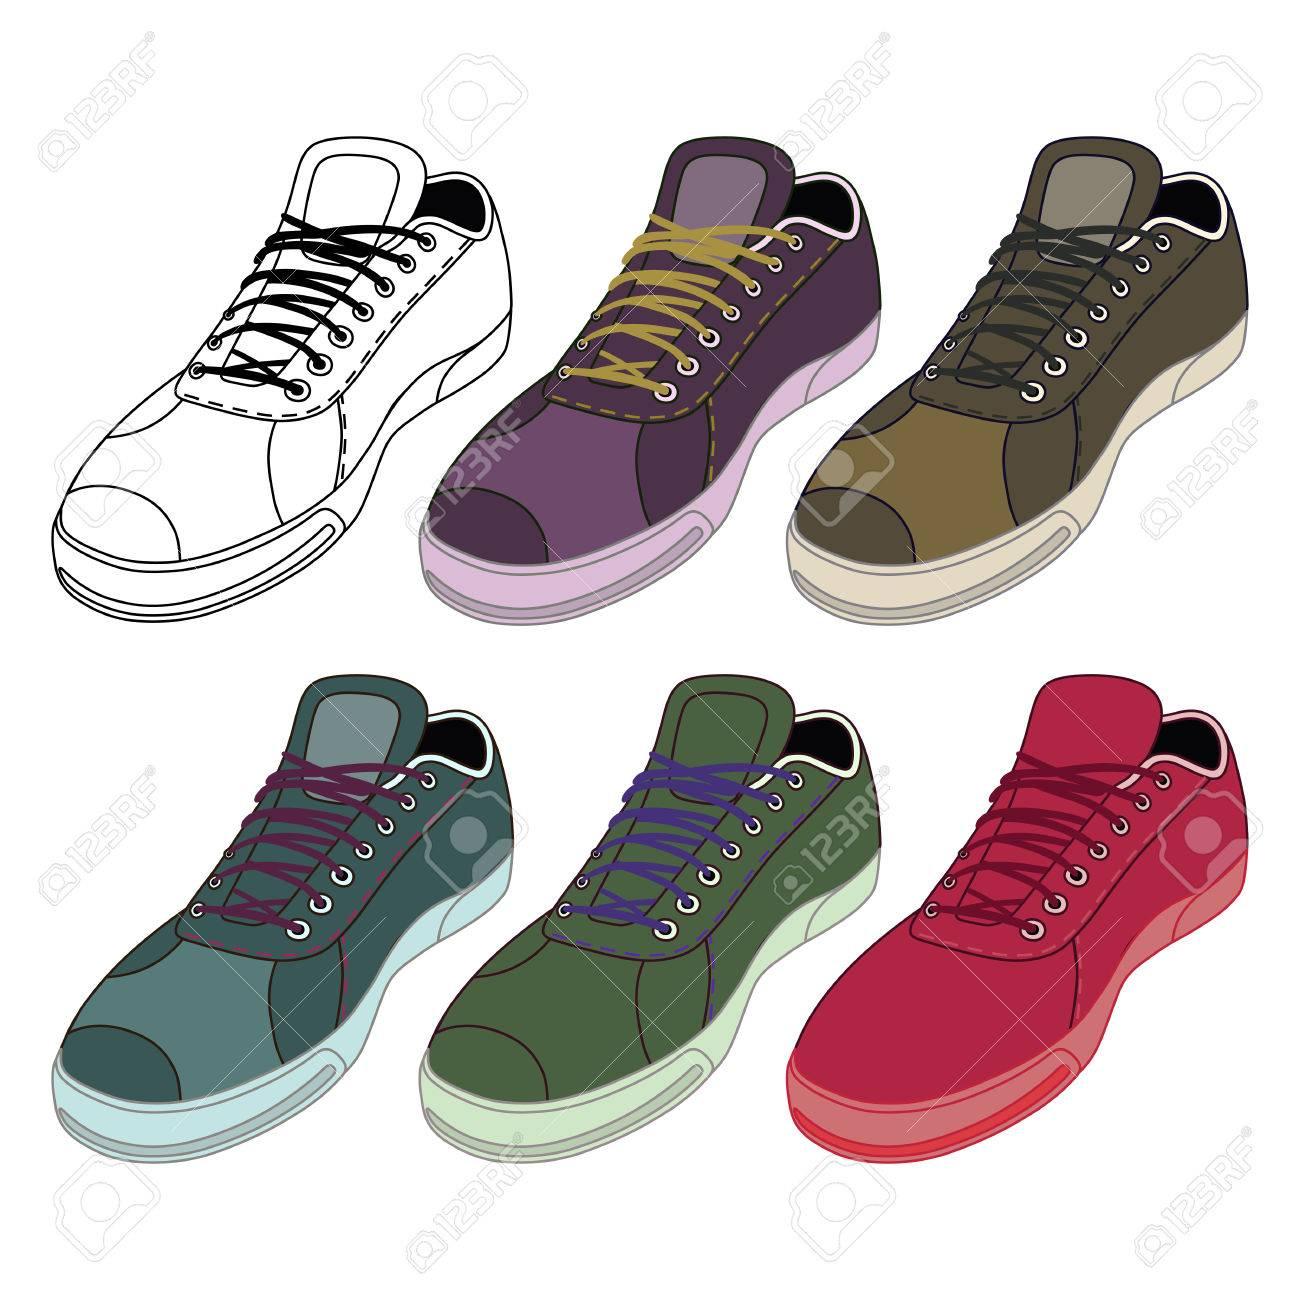 más fotos 2a62e b4dc4 Zapatillas de deporte negras y de color descritas zapatos establecidos  vista frontal, ilustración vectorial aislados en fondo blanco